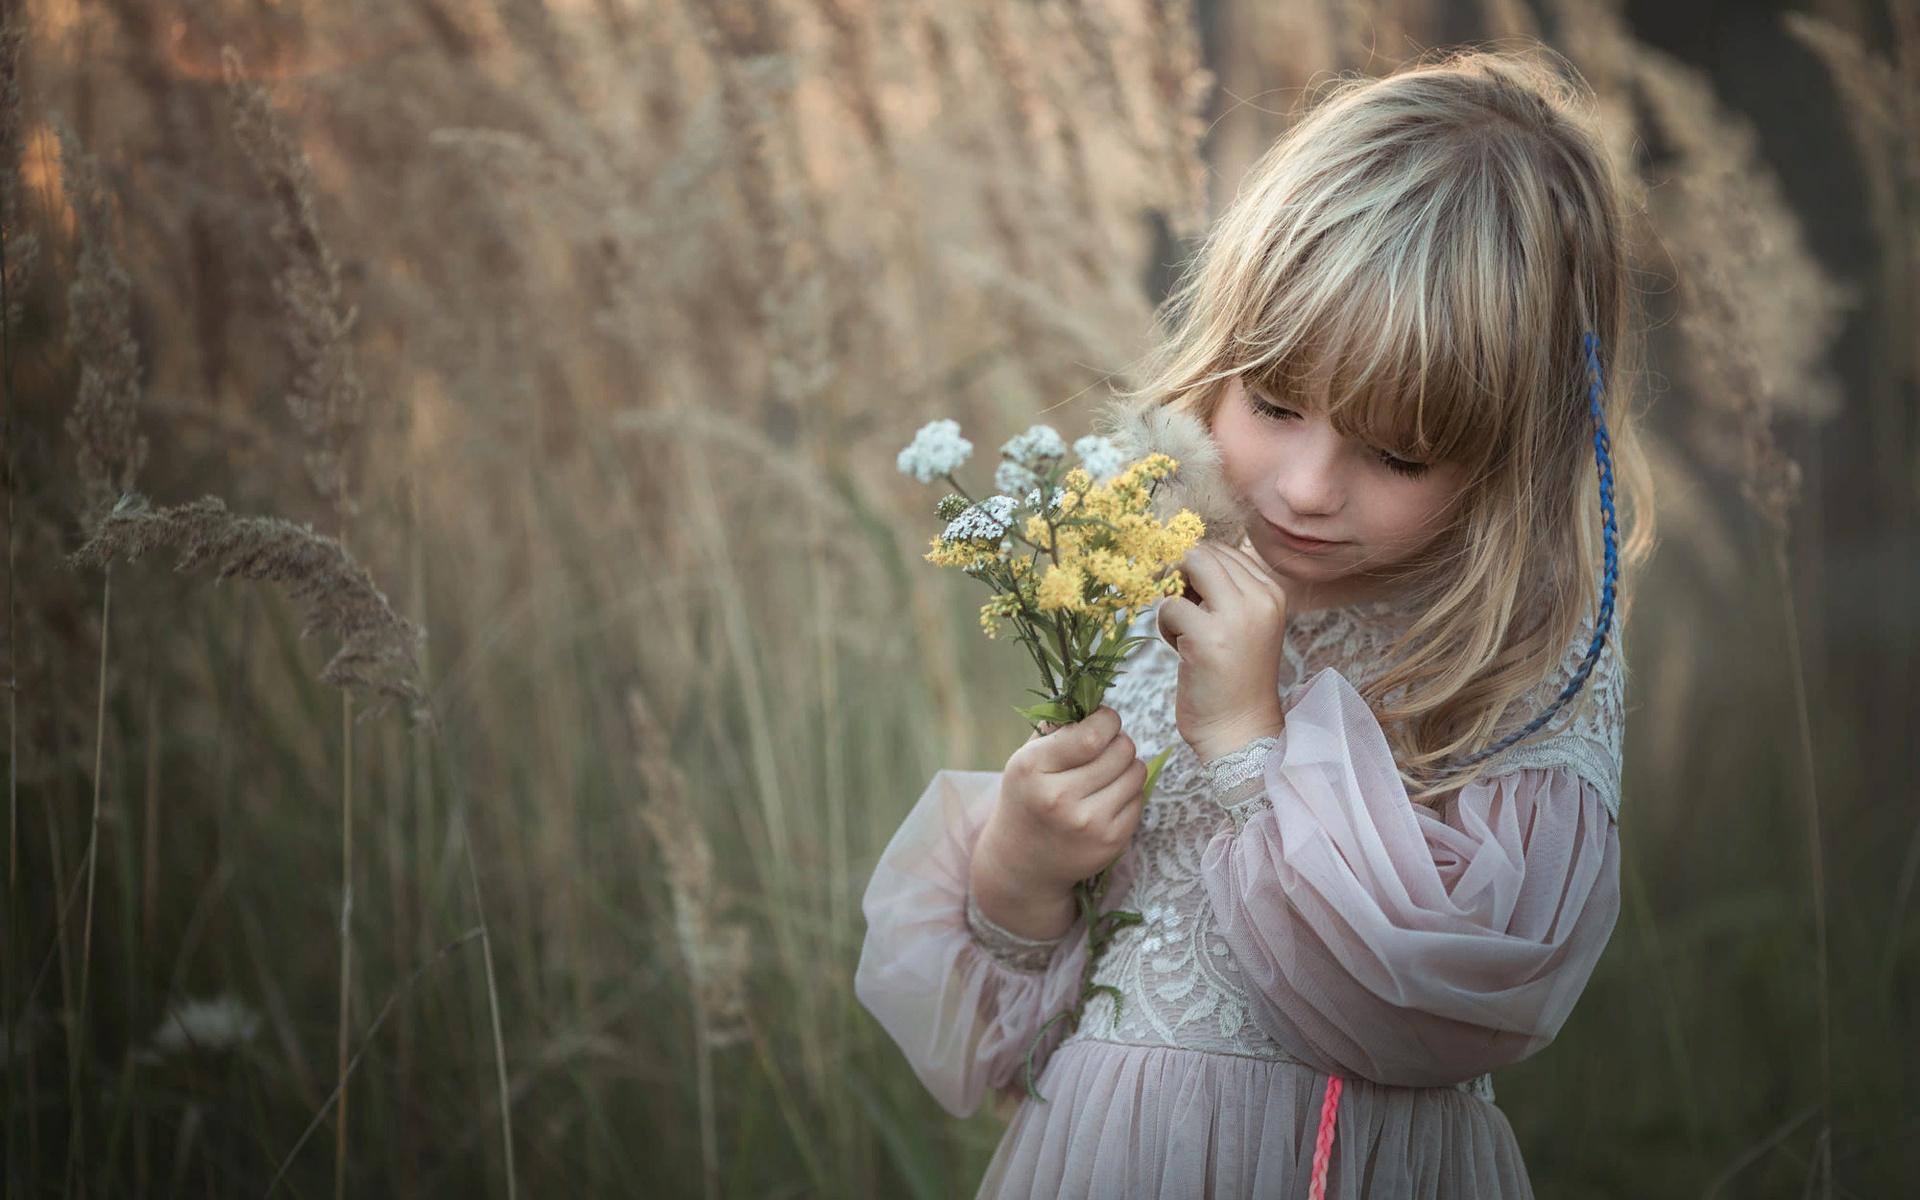 природа, платье, девочка, травы, ребёнок, букетик, marta obiegla